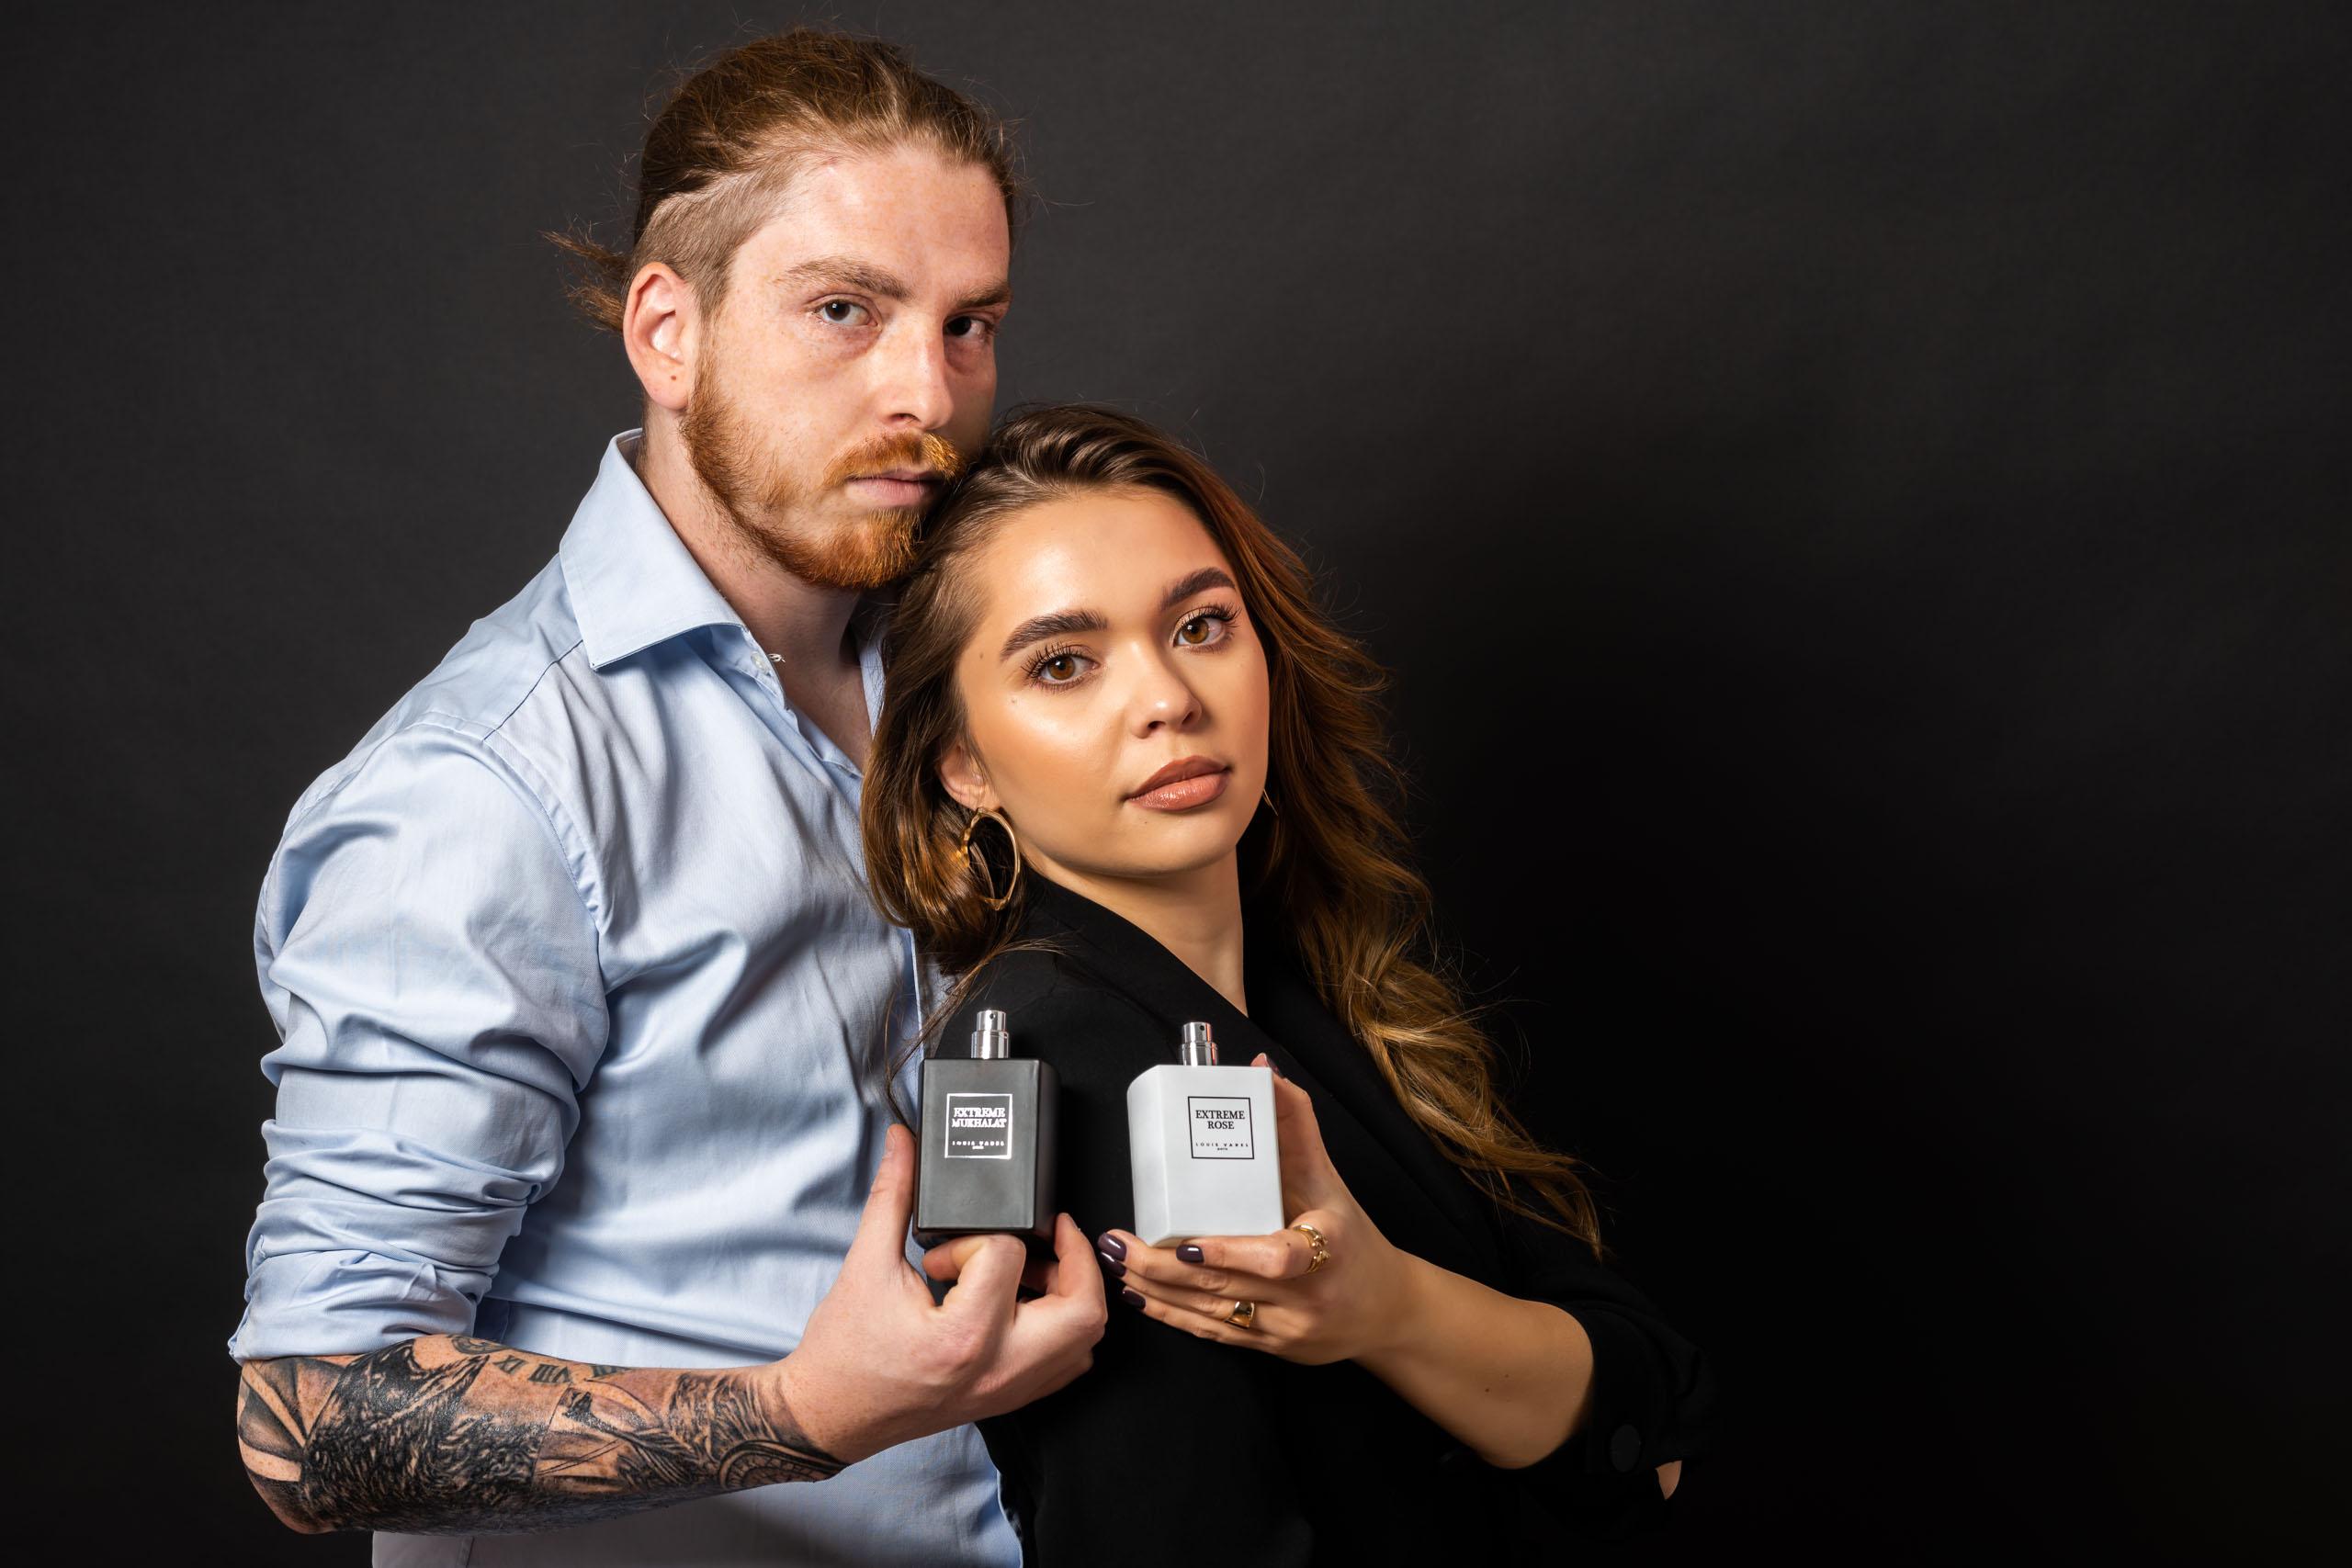 Ce parfum să folosești pentru a deveni mai atractivă?